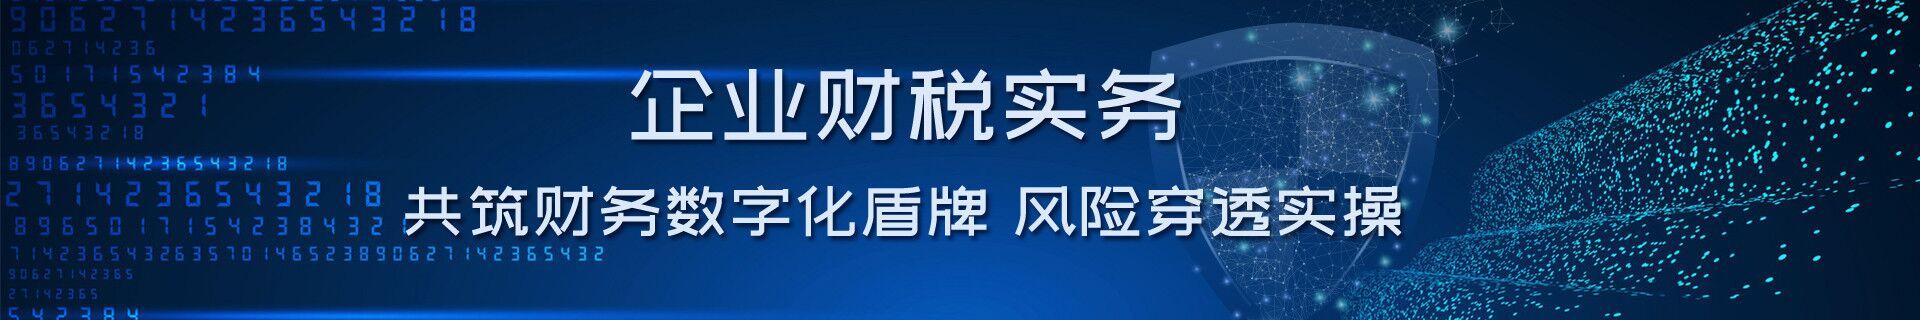 岳阳岳阳楼区时用教育机构